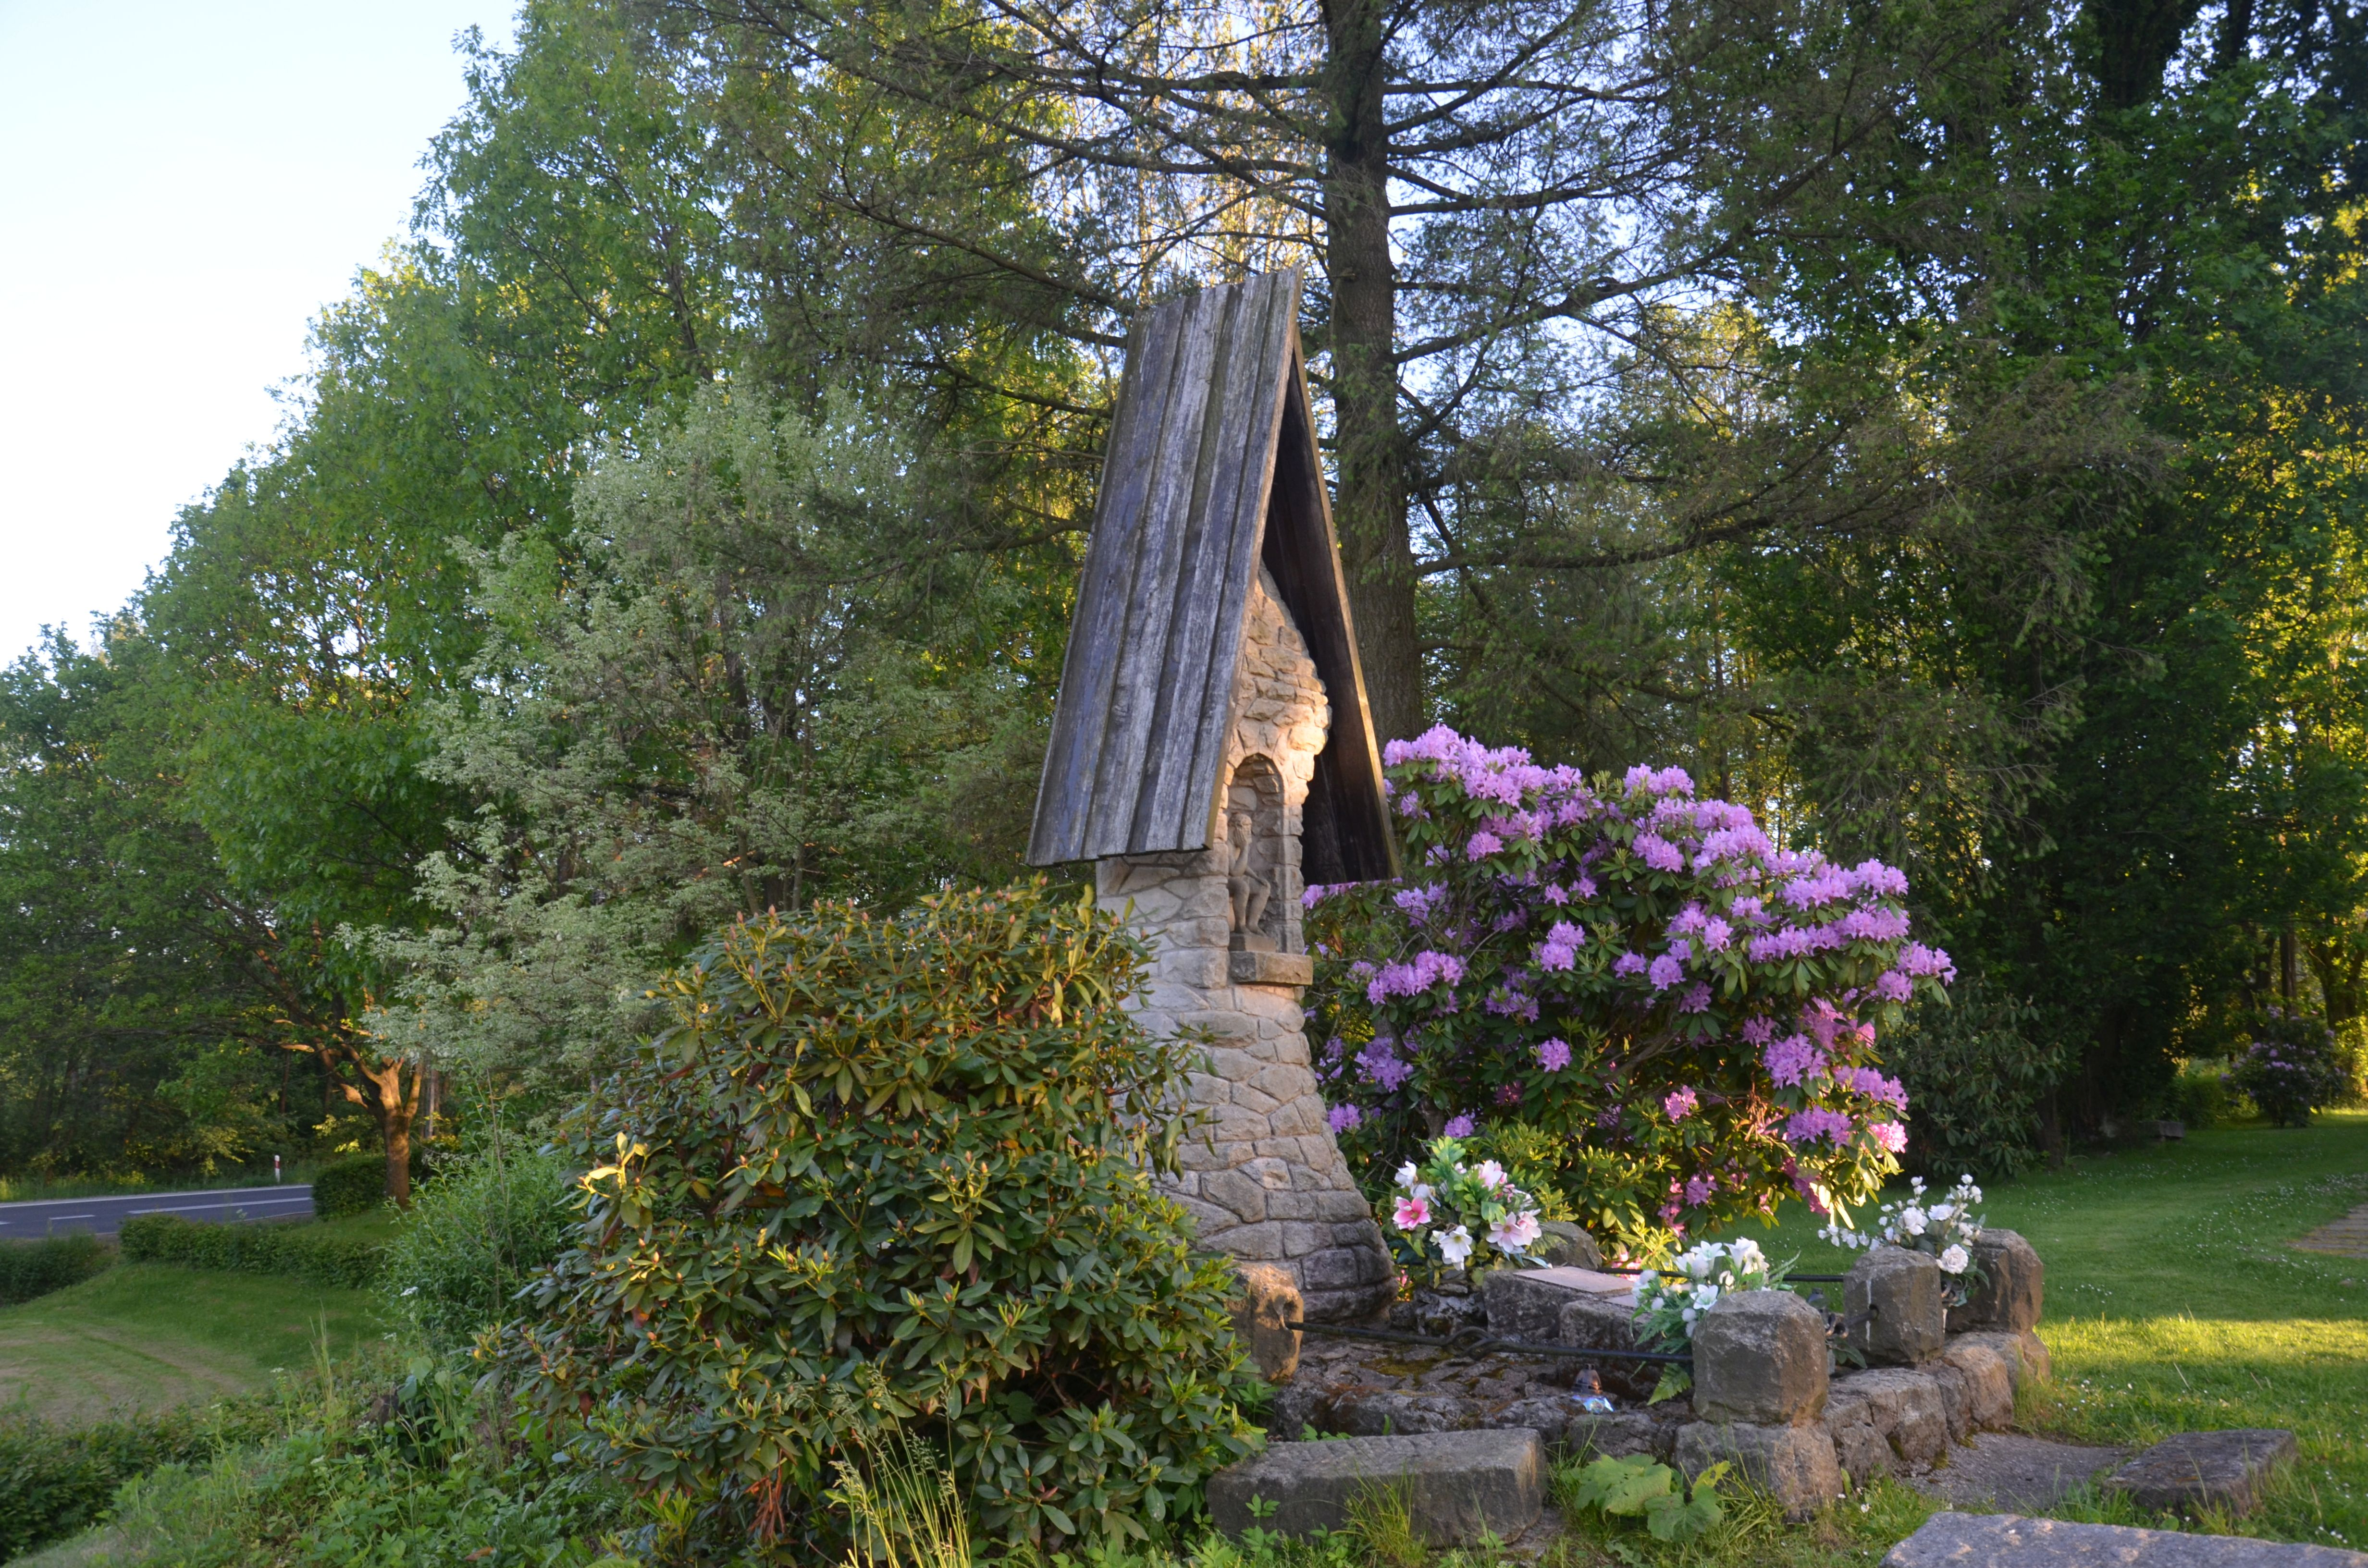 Grobowiec Księży Bochenków